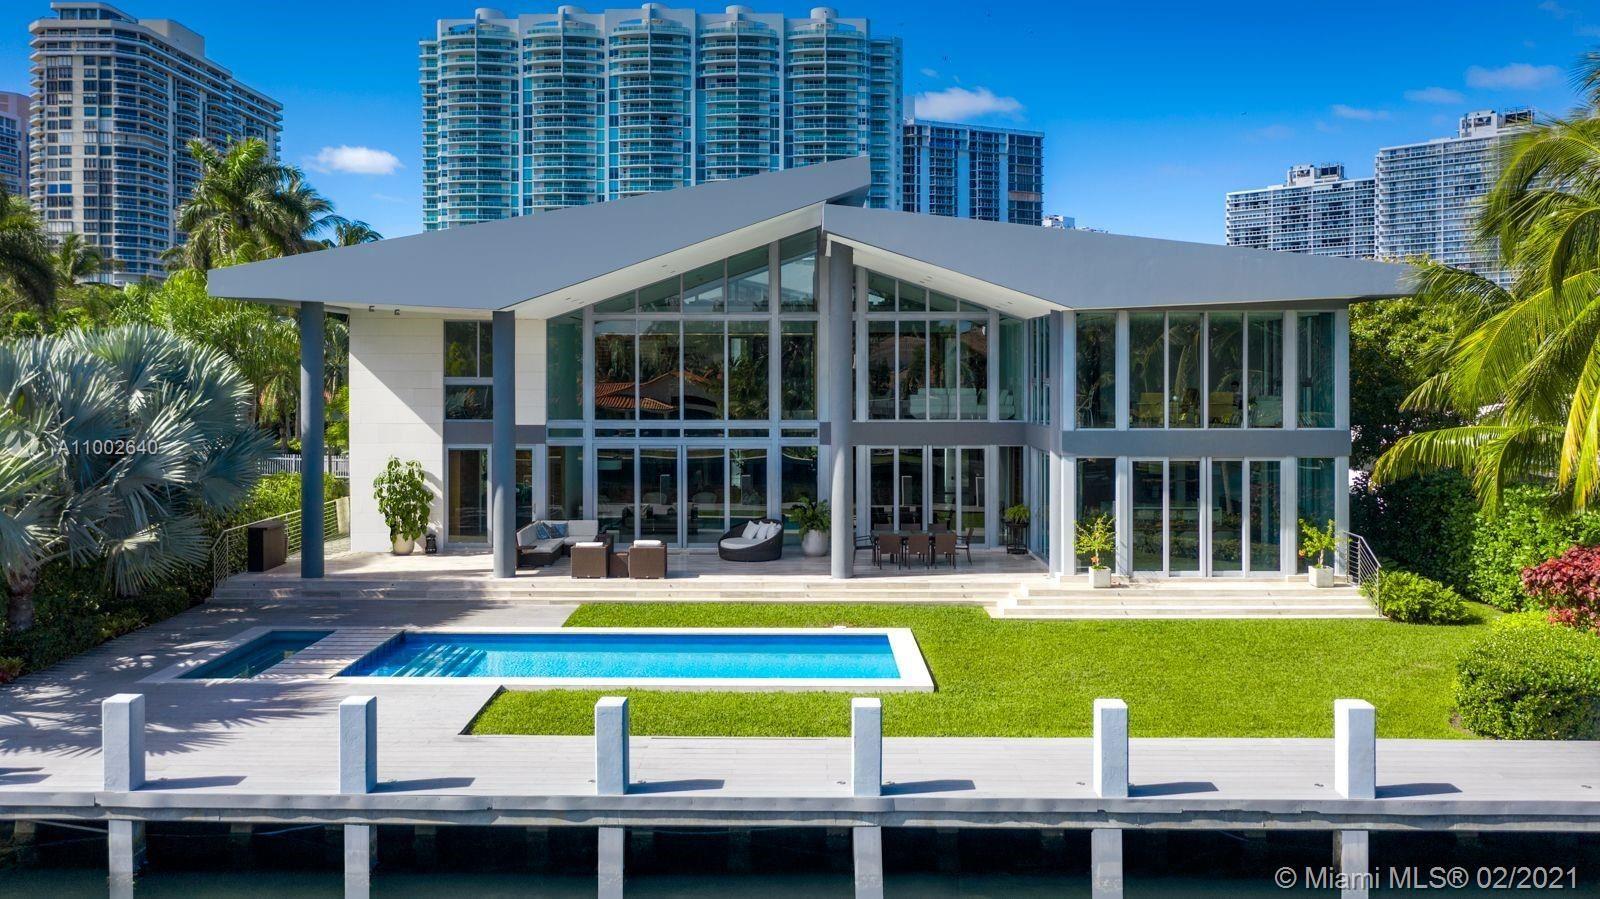 Photo of 325 Centre Is, Golden Beach, FL 33160 (MLS # A11002640)